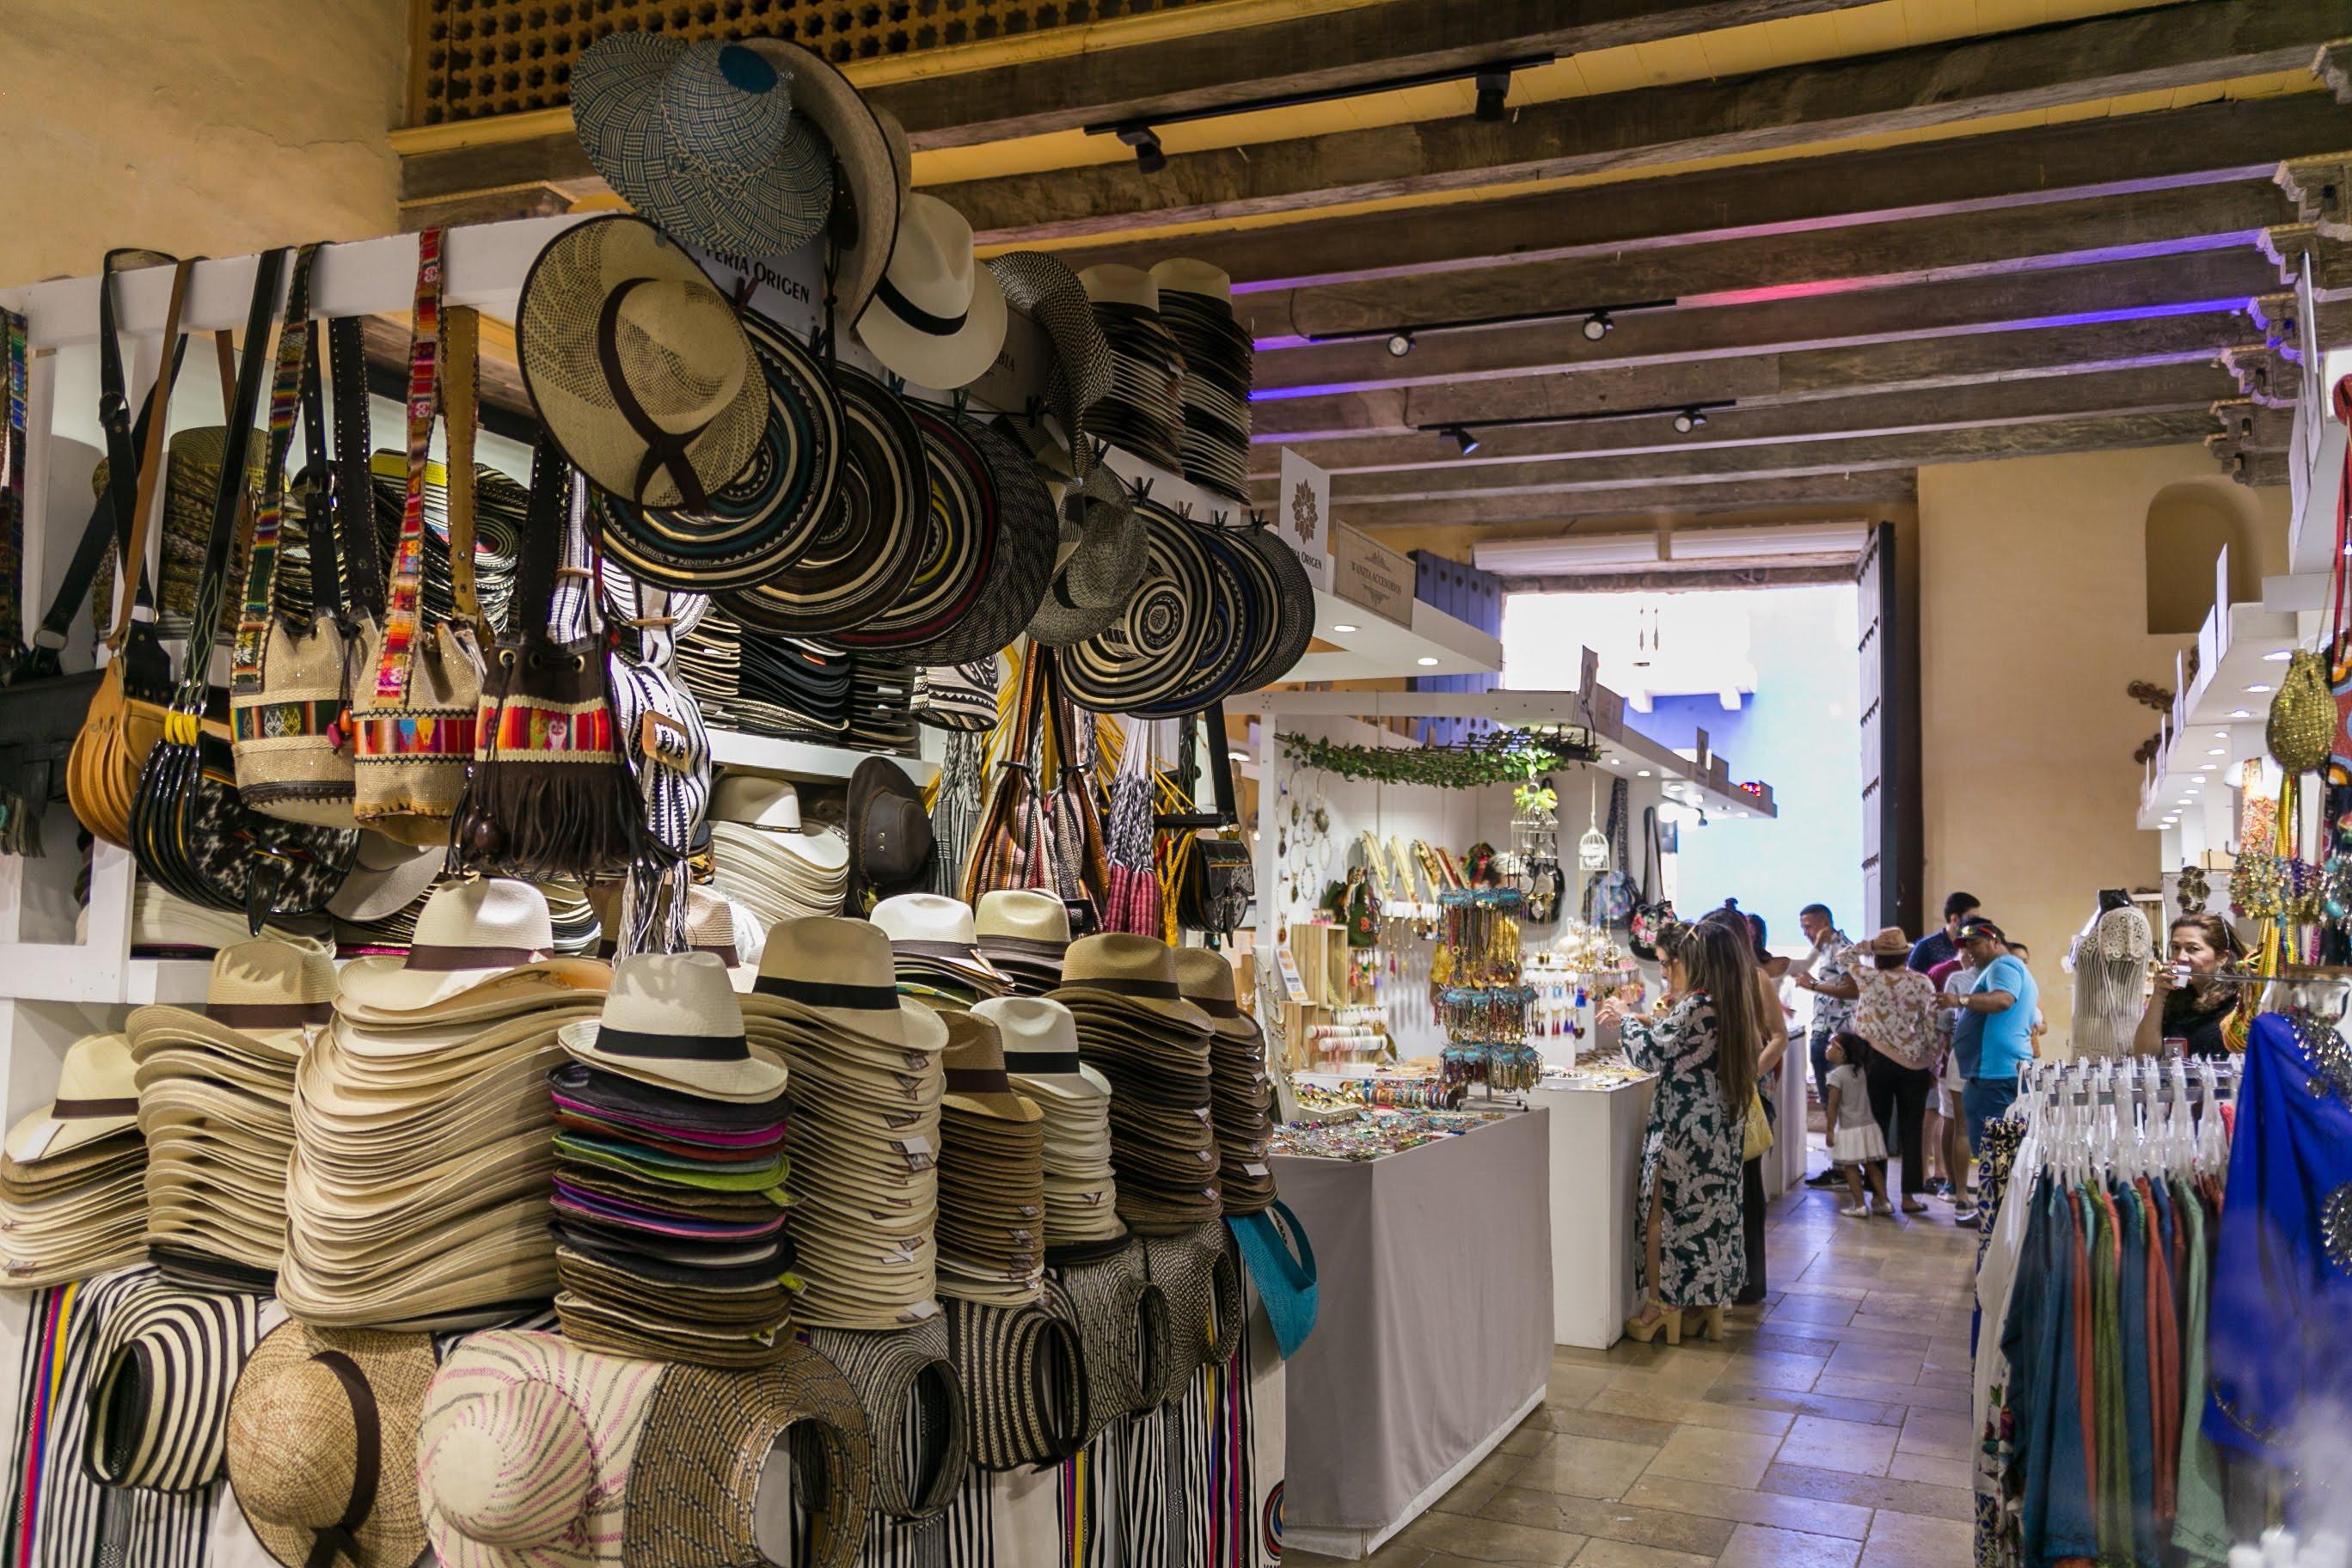 Pasillo con puestos de artesanías en la Feria Origen en Cartagena